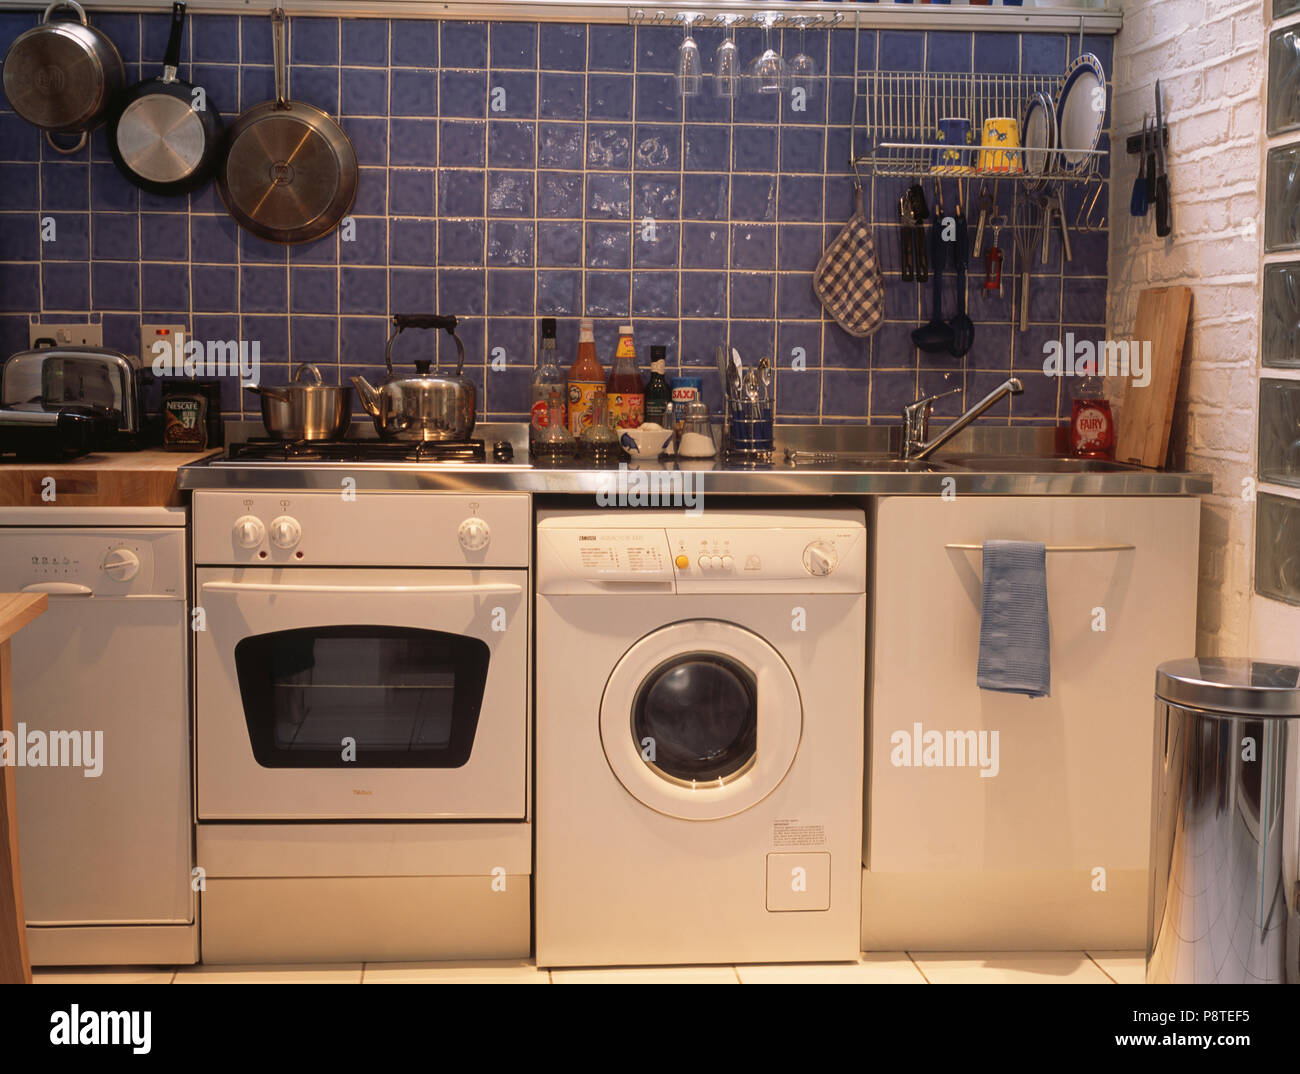 Unbestückt Wirtschaft - Küche mit Backofen und Waschmaschine ...